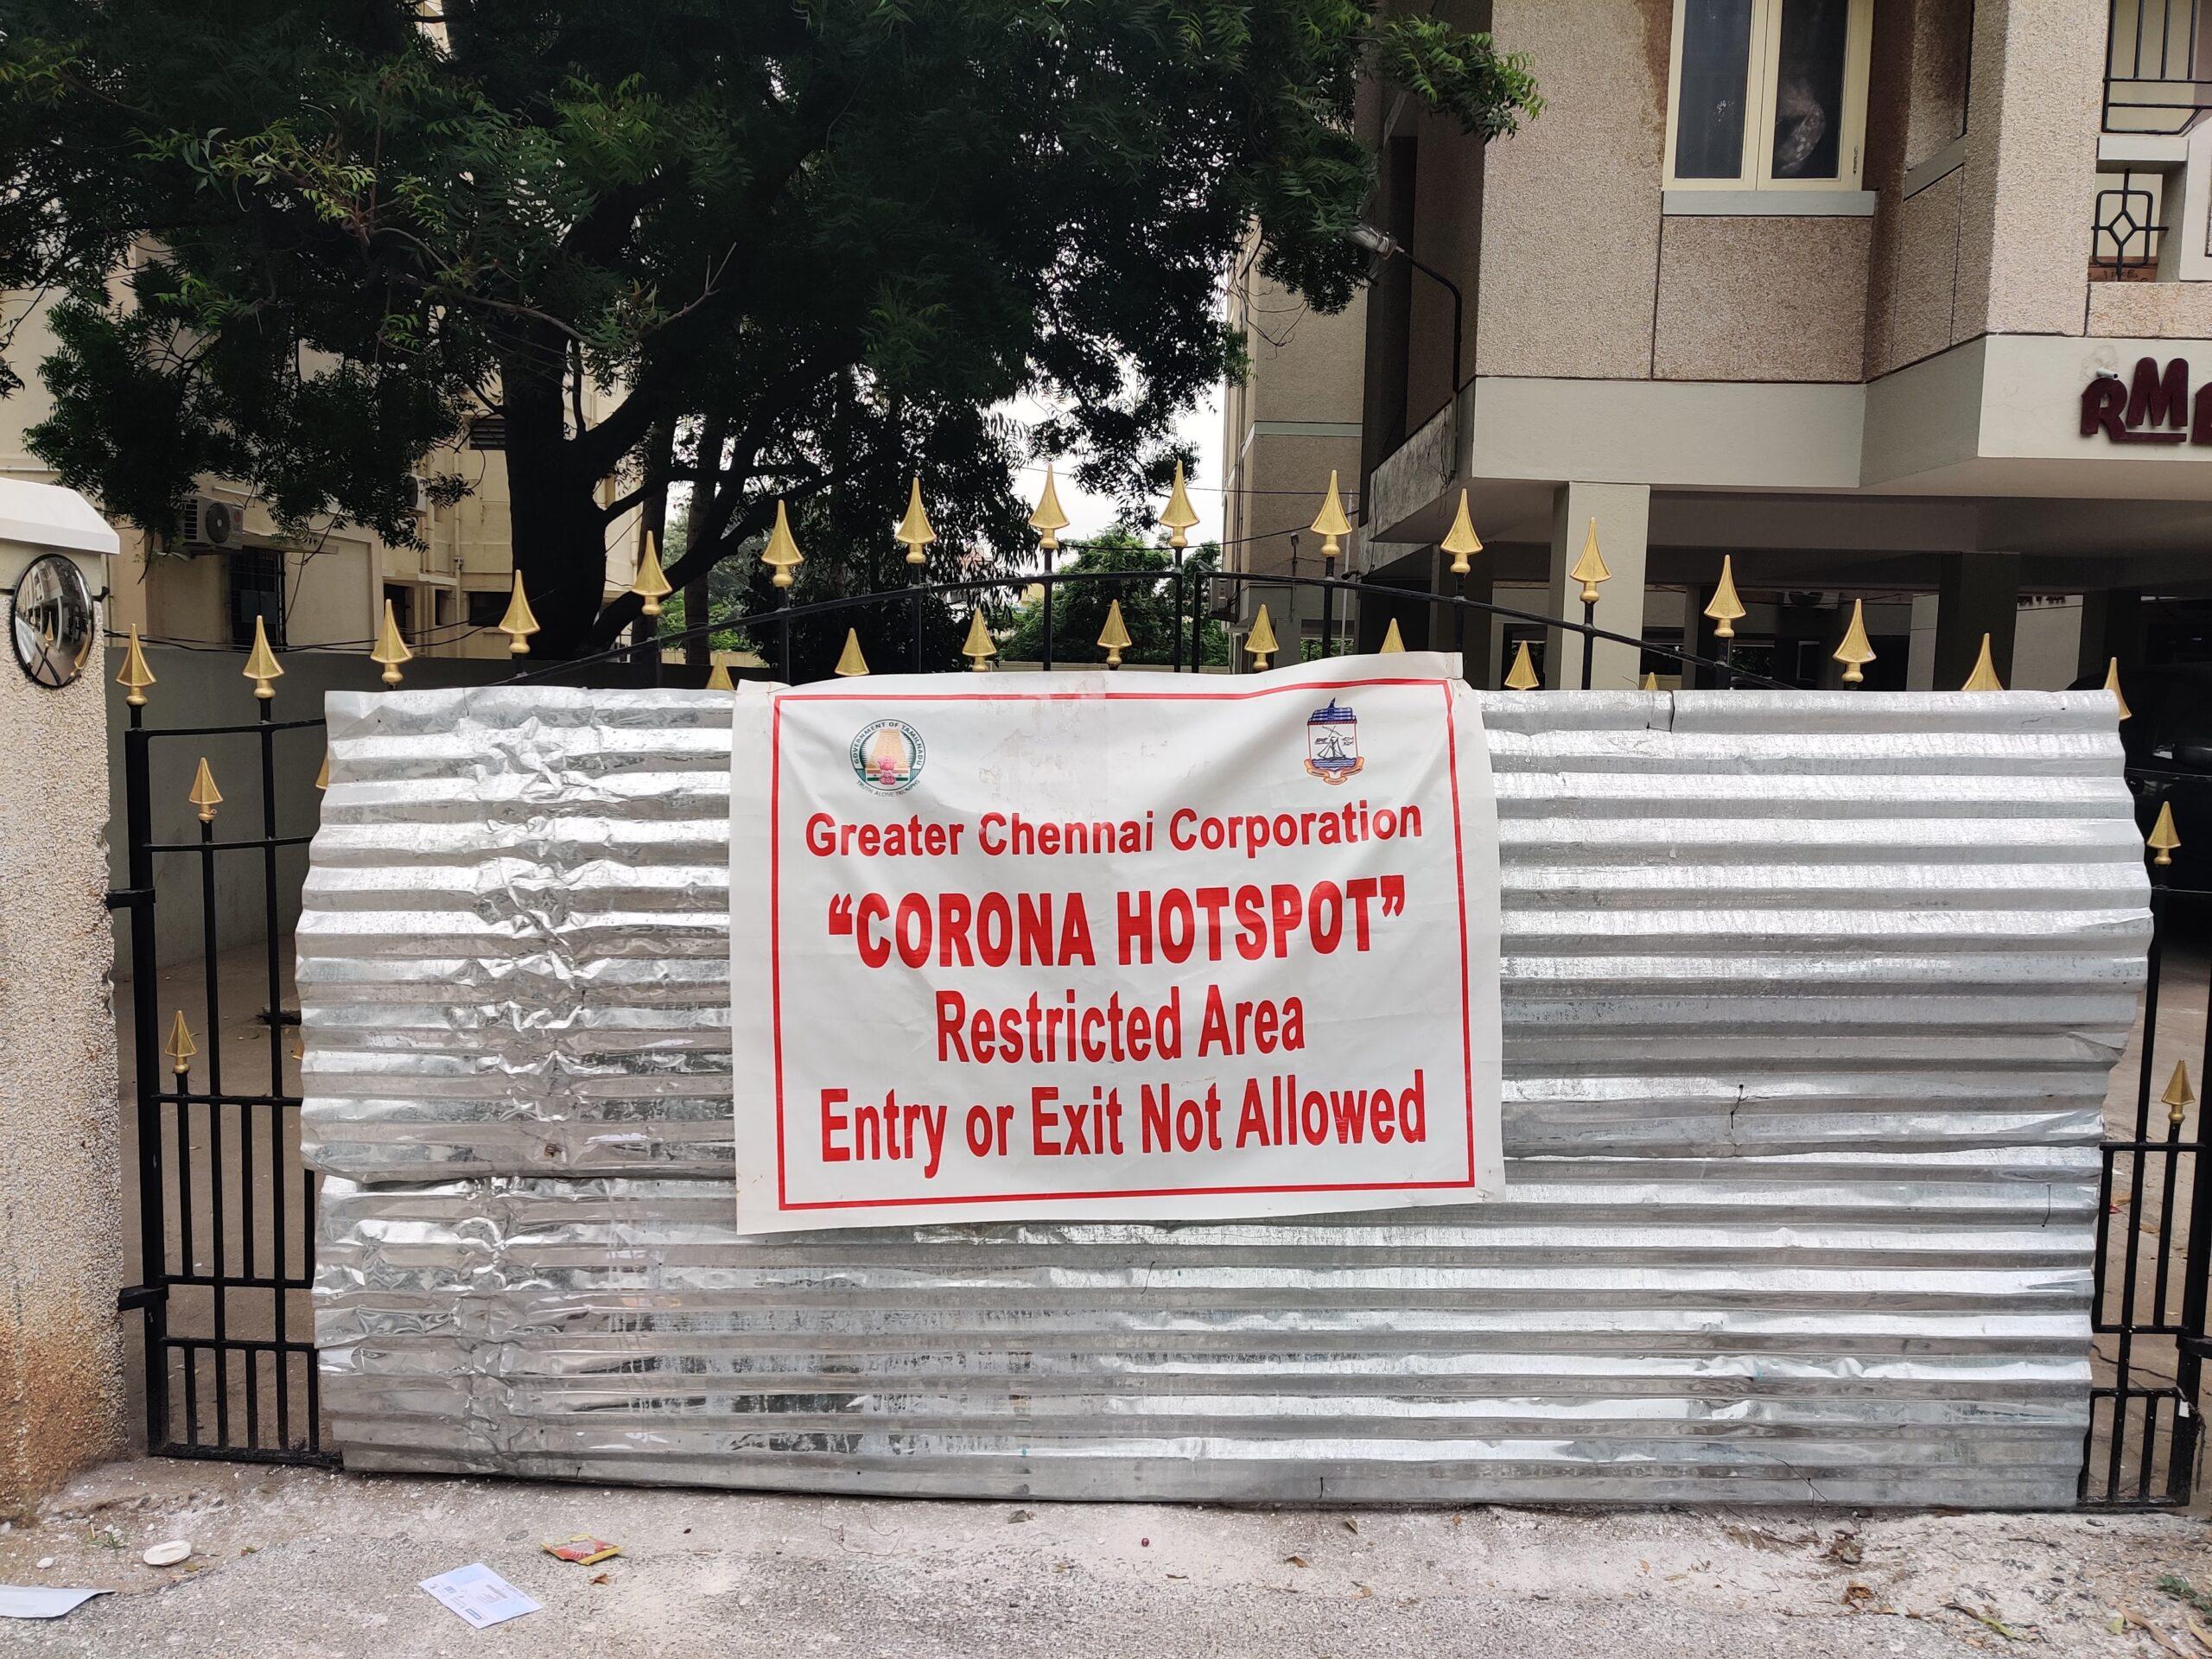 """Indie chcą, aby firmy internetowe kasowały wpisy mówiące o""""indyjskim wariancie koronawirusa"""""""